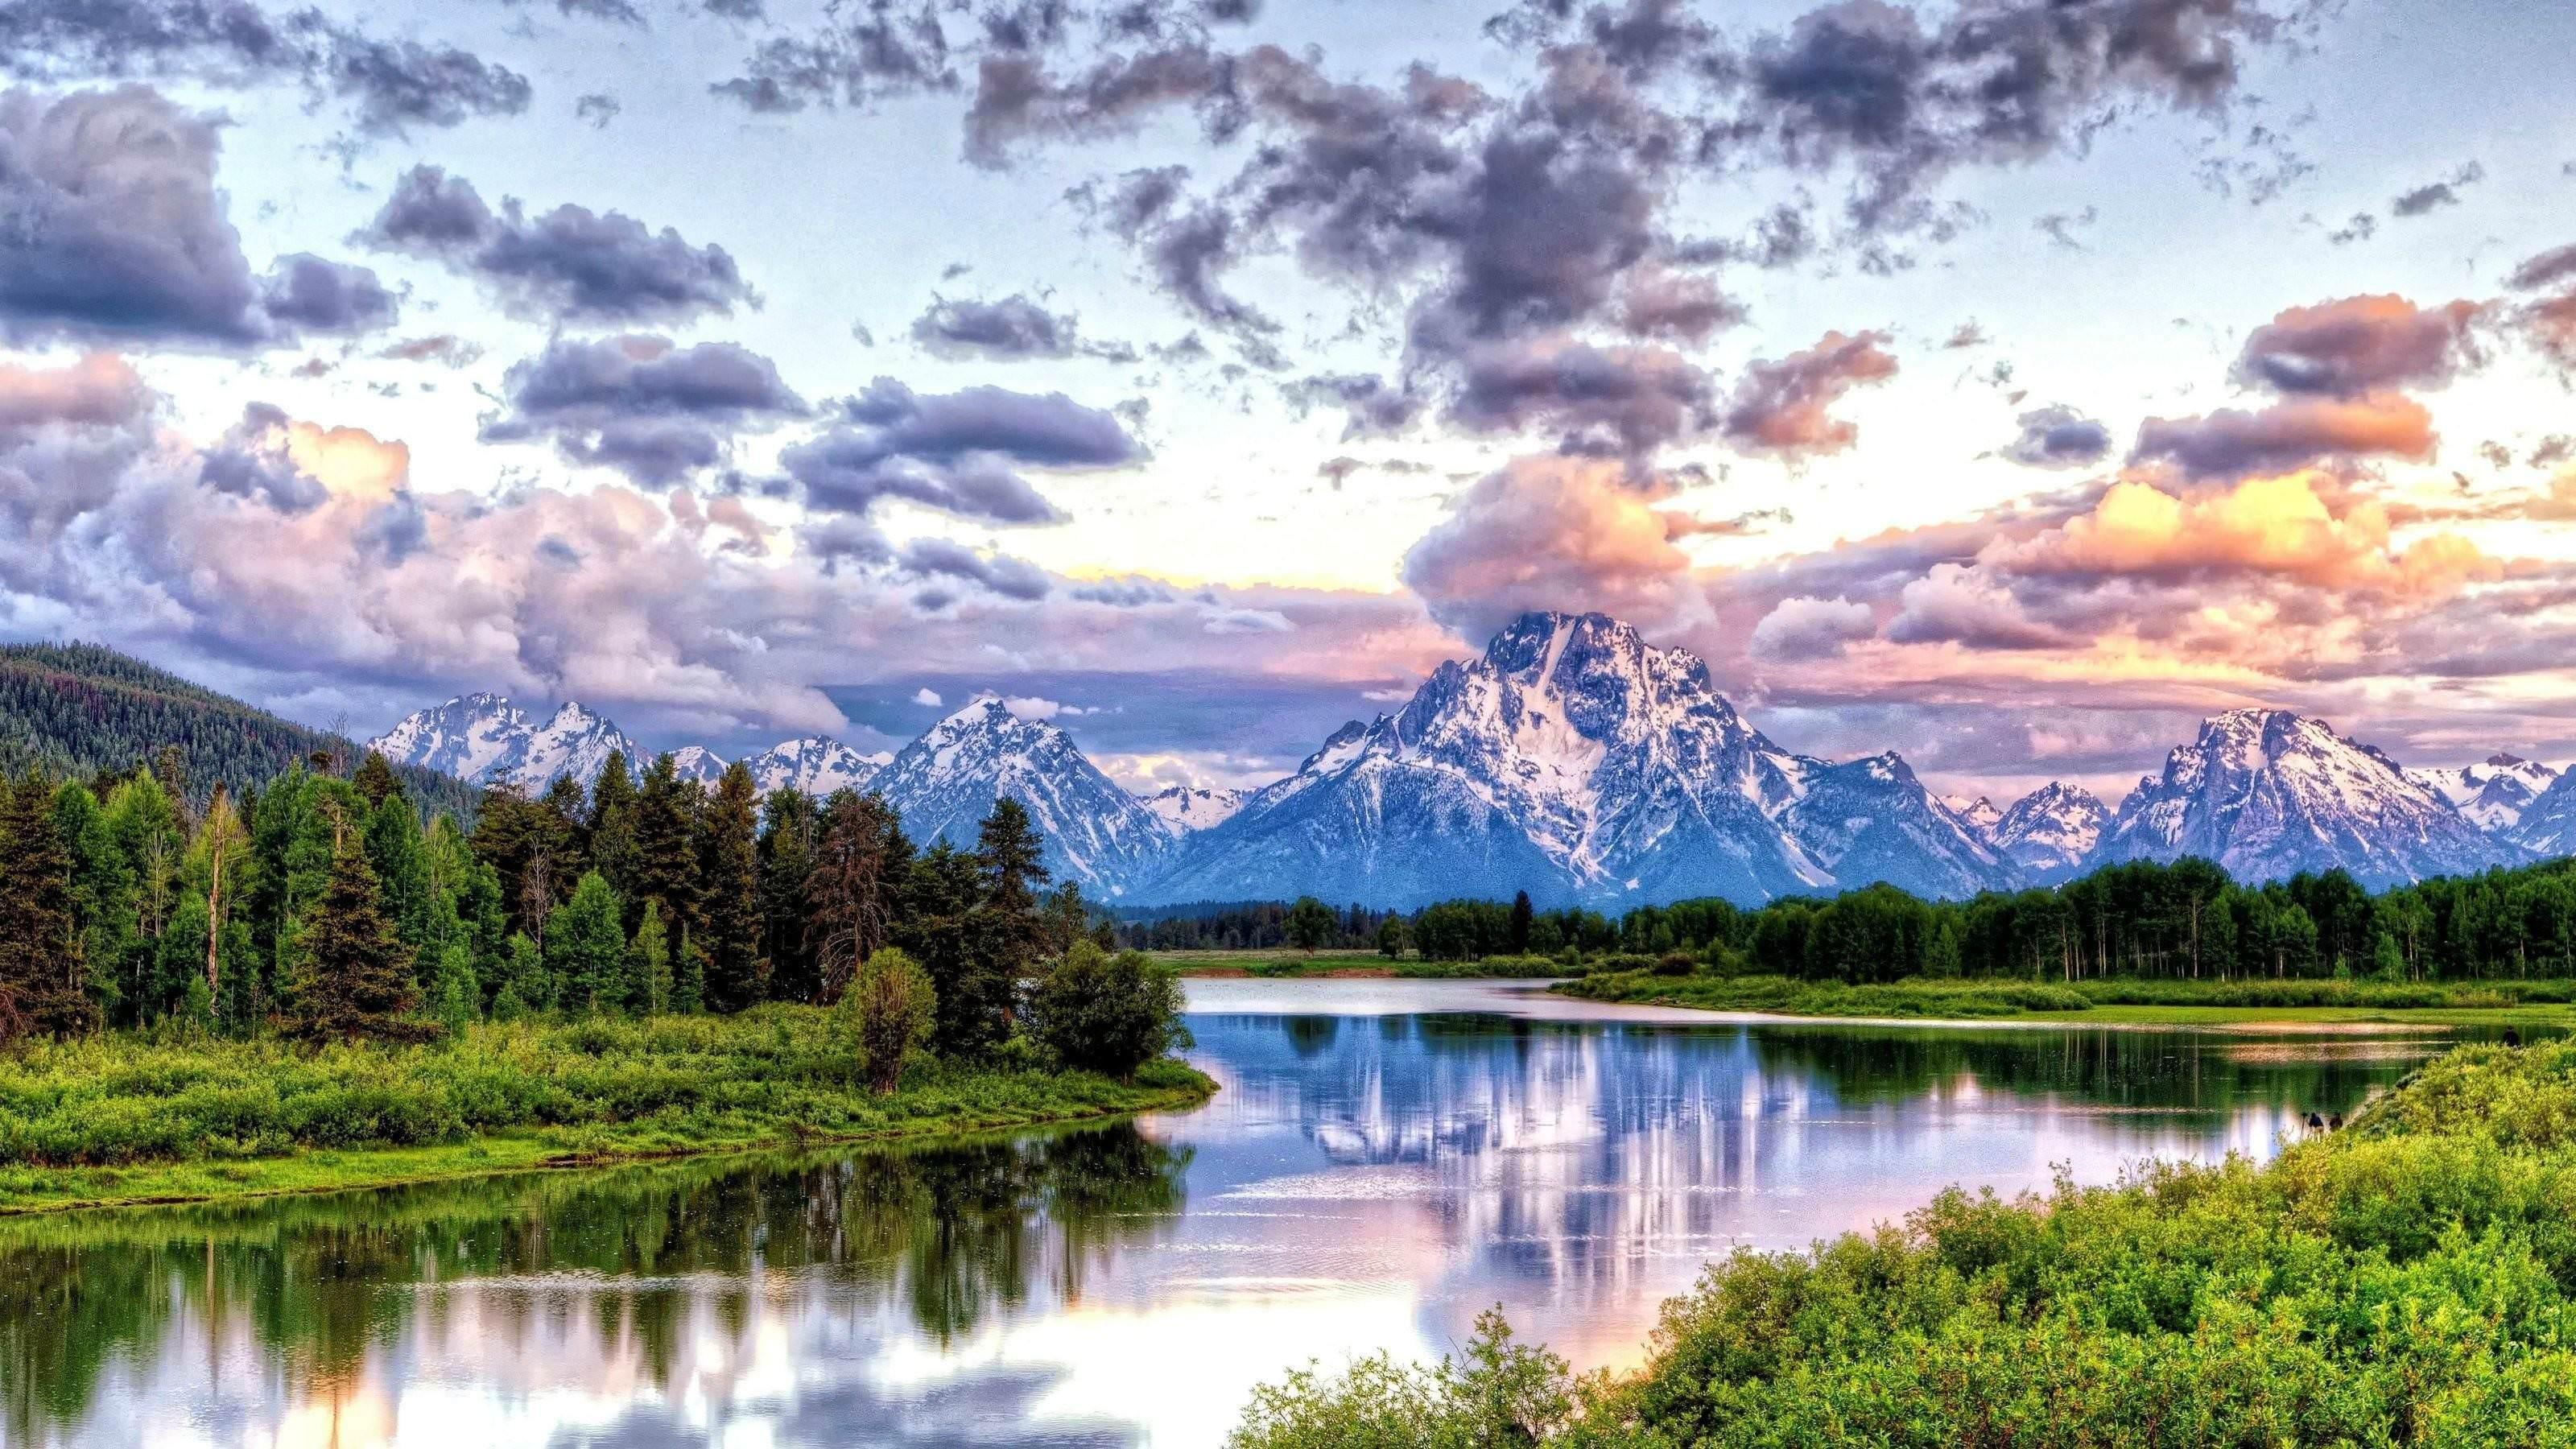 Nice photo of nature